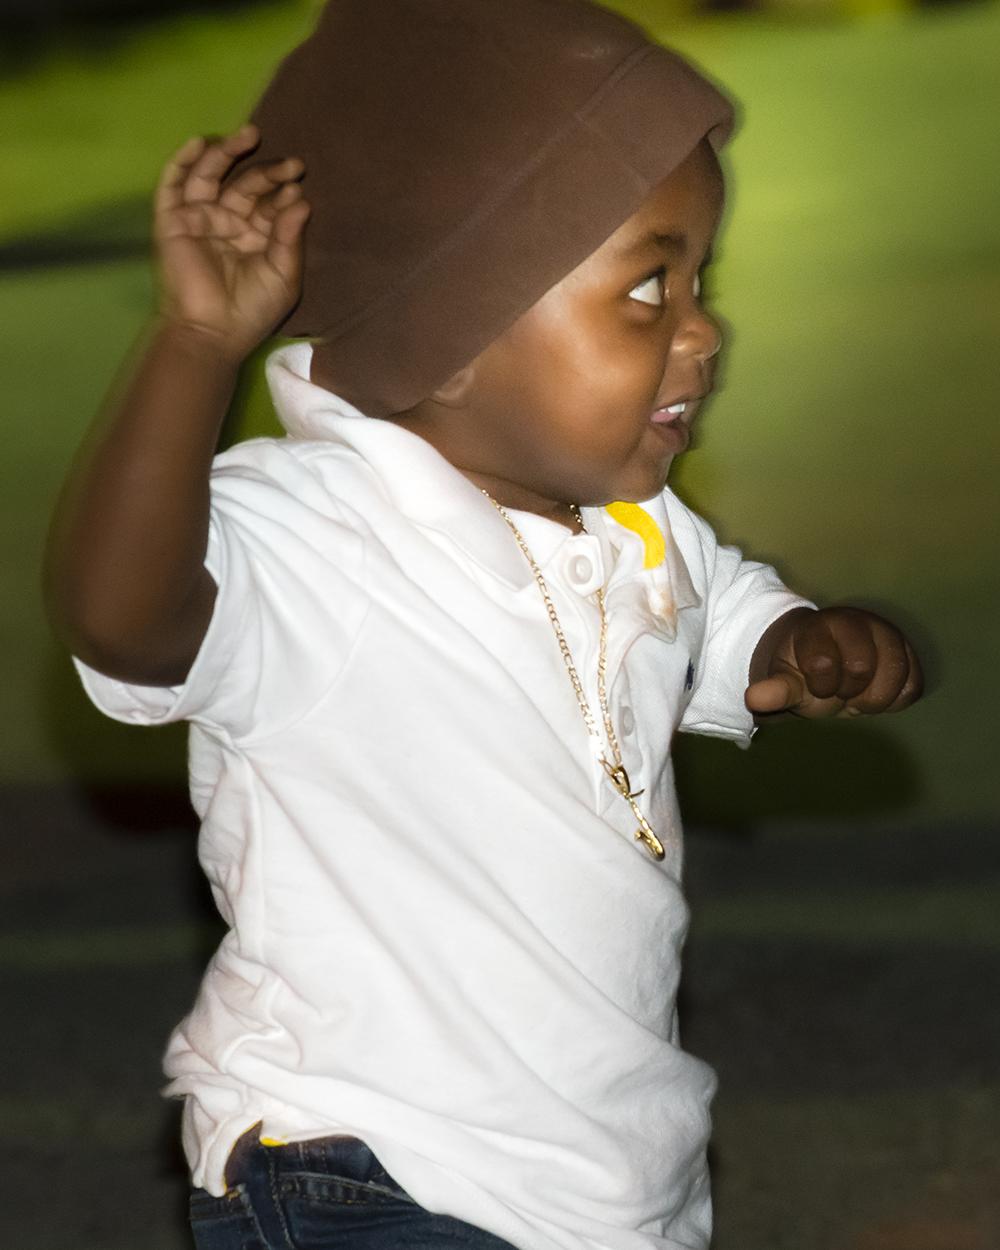 little kid2